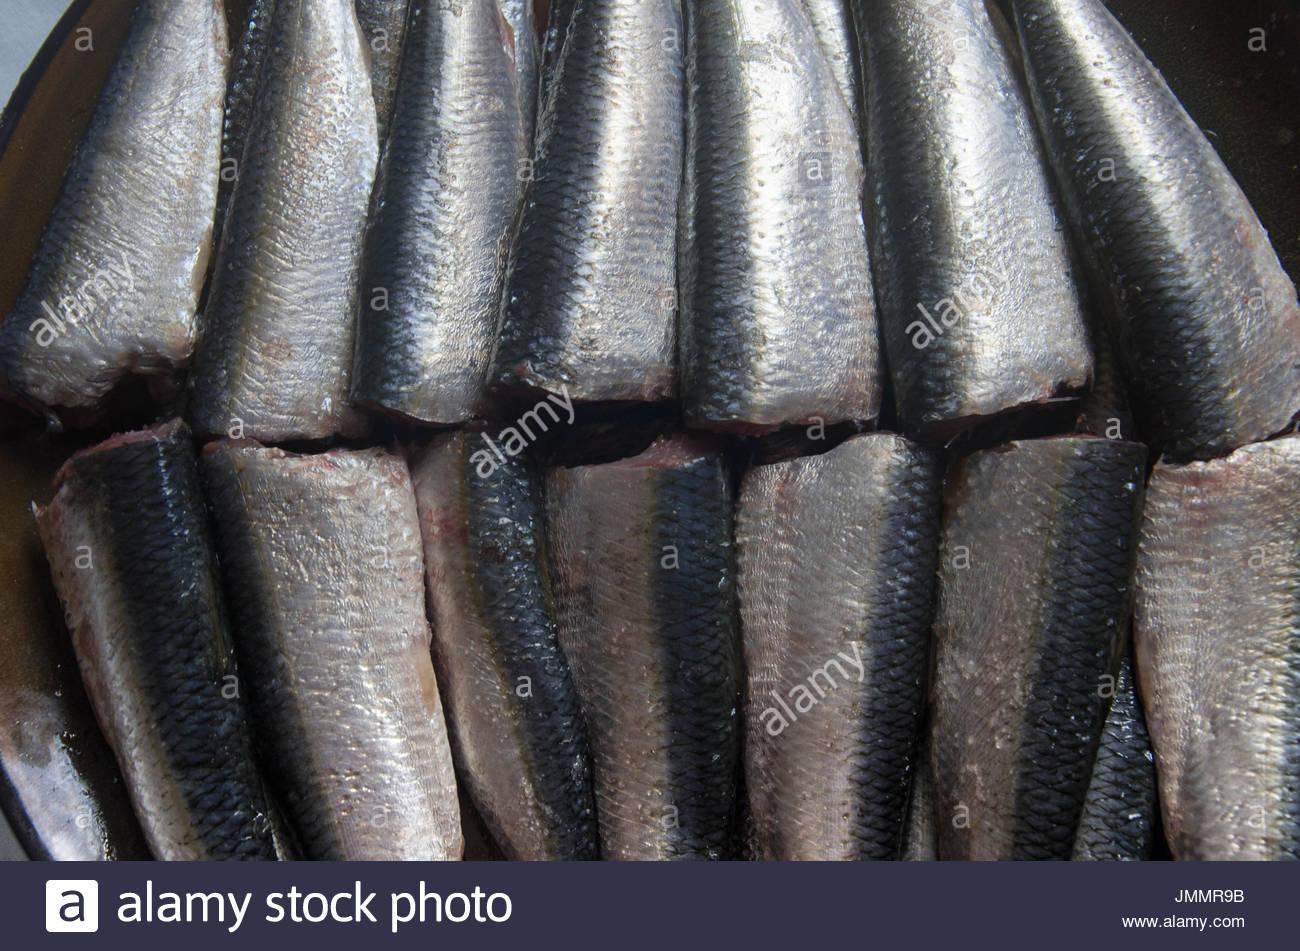 Les sardines sur la plaque. Photo Stock